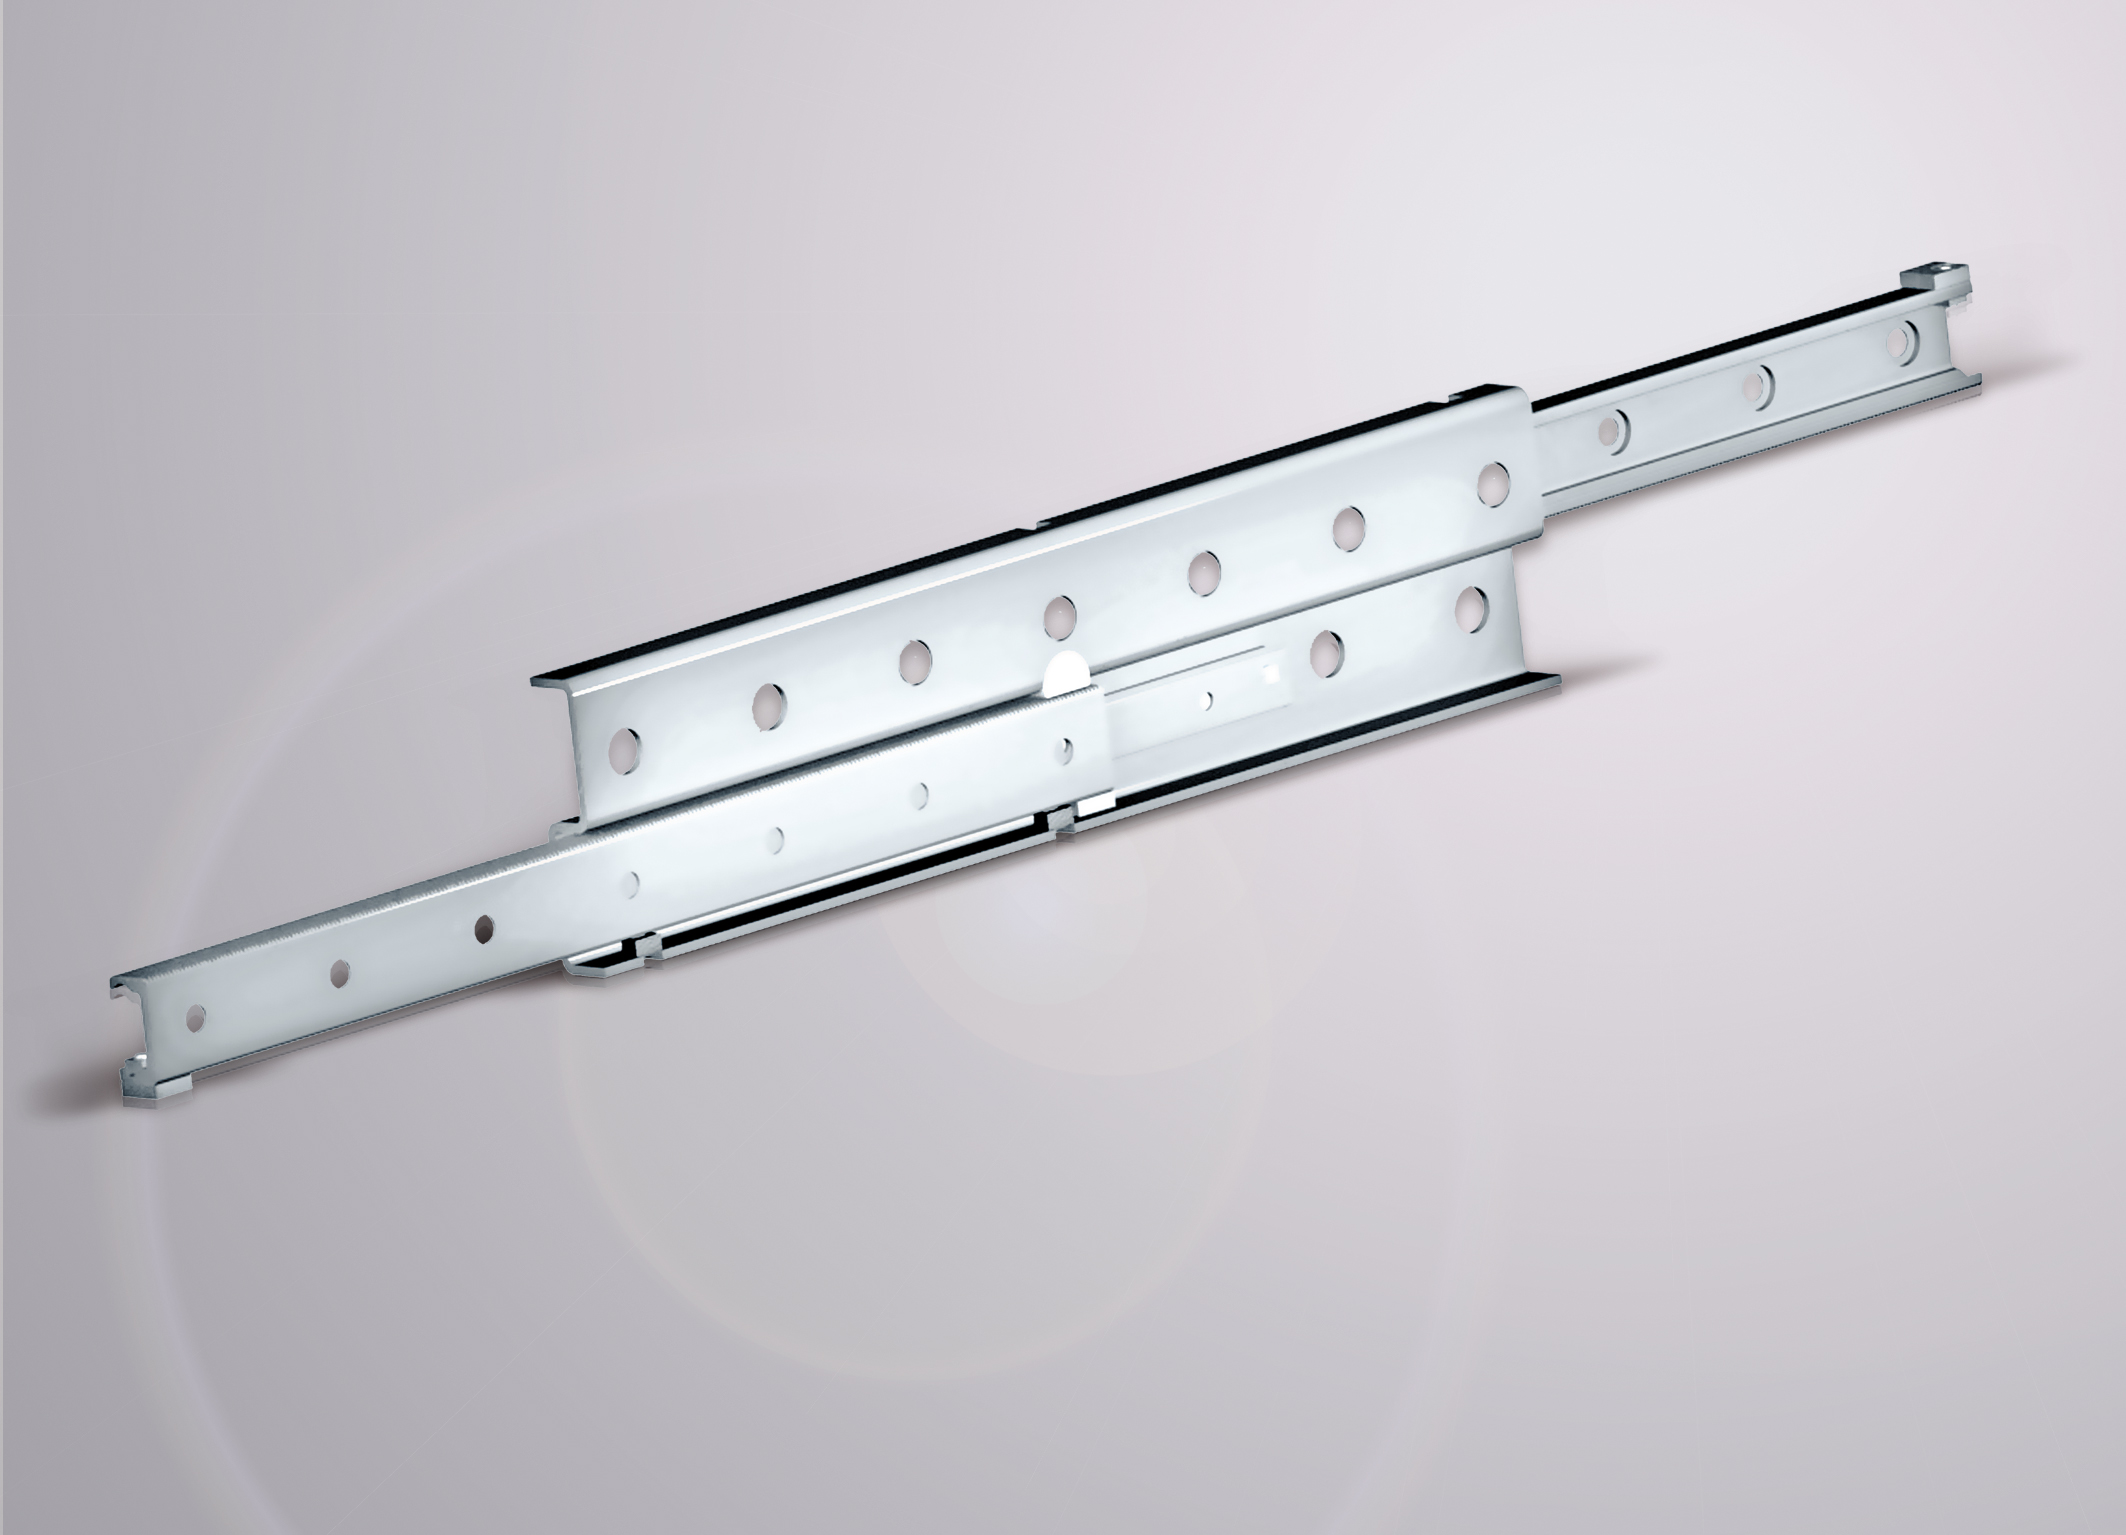 Teleskopauszug_DSS43 Faszinierend solar Led Leuchten Für Den Garten Dekorationen